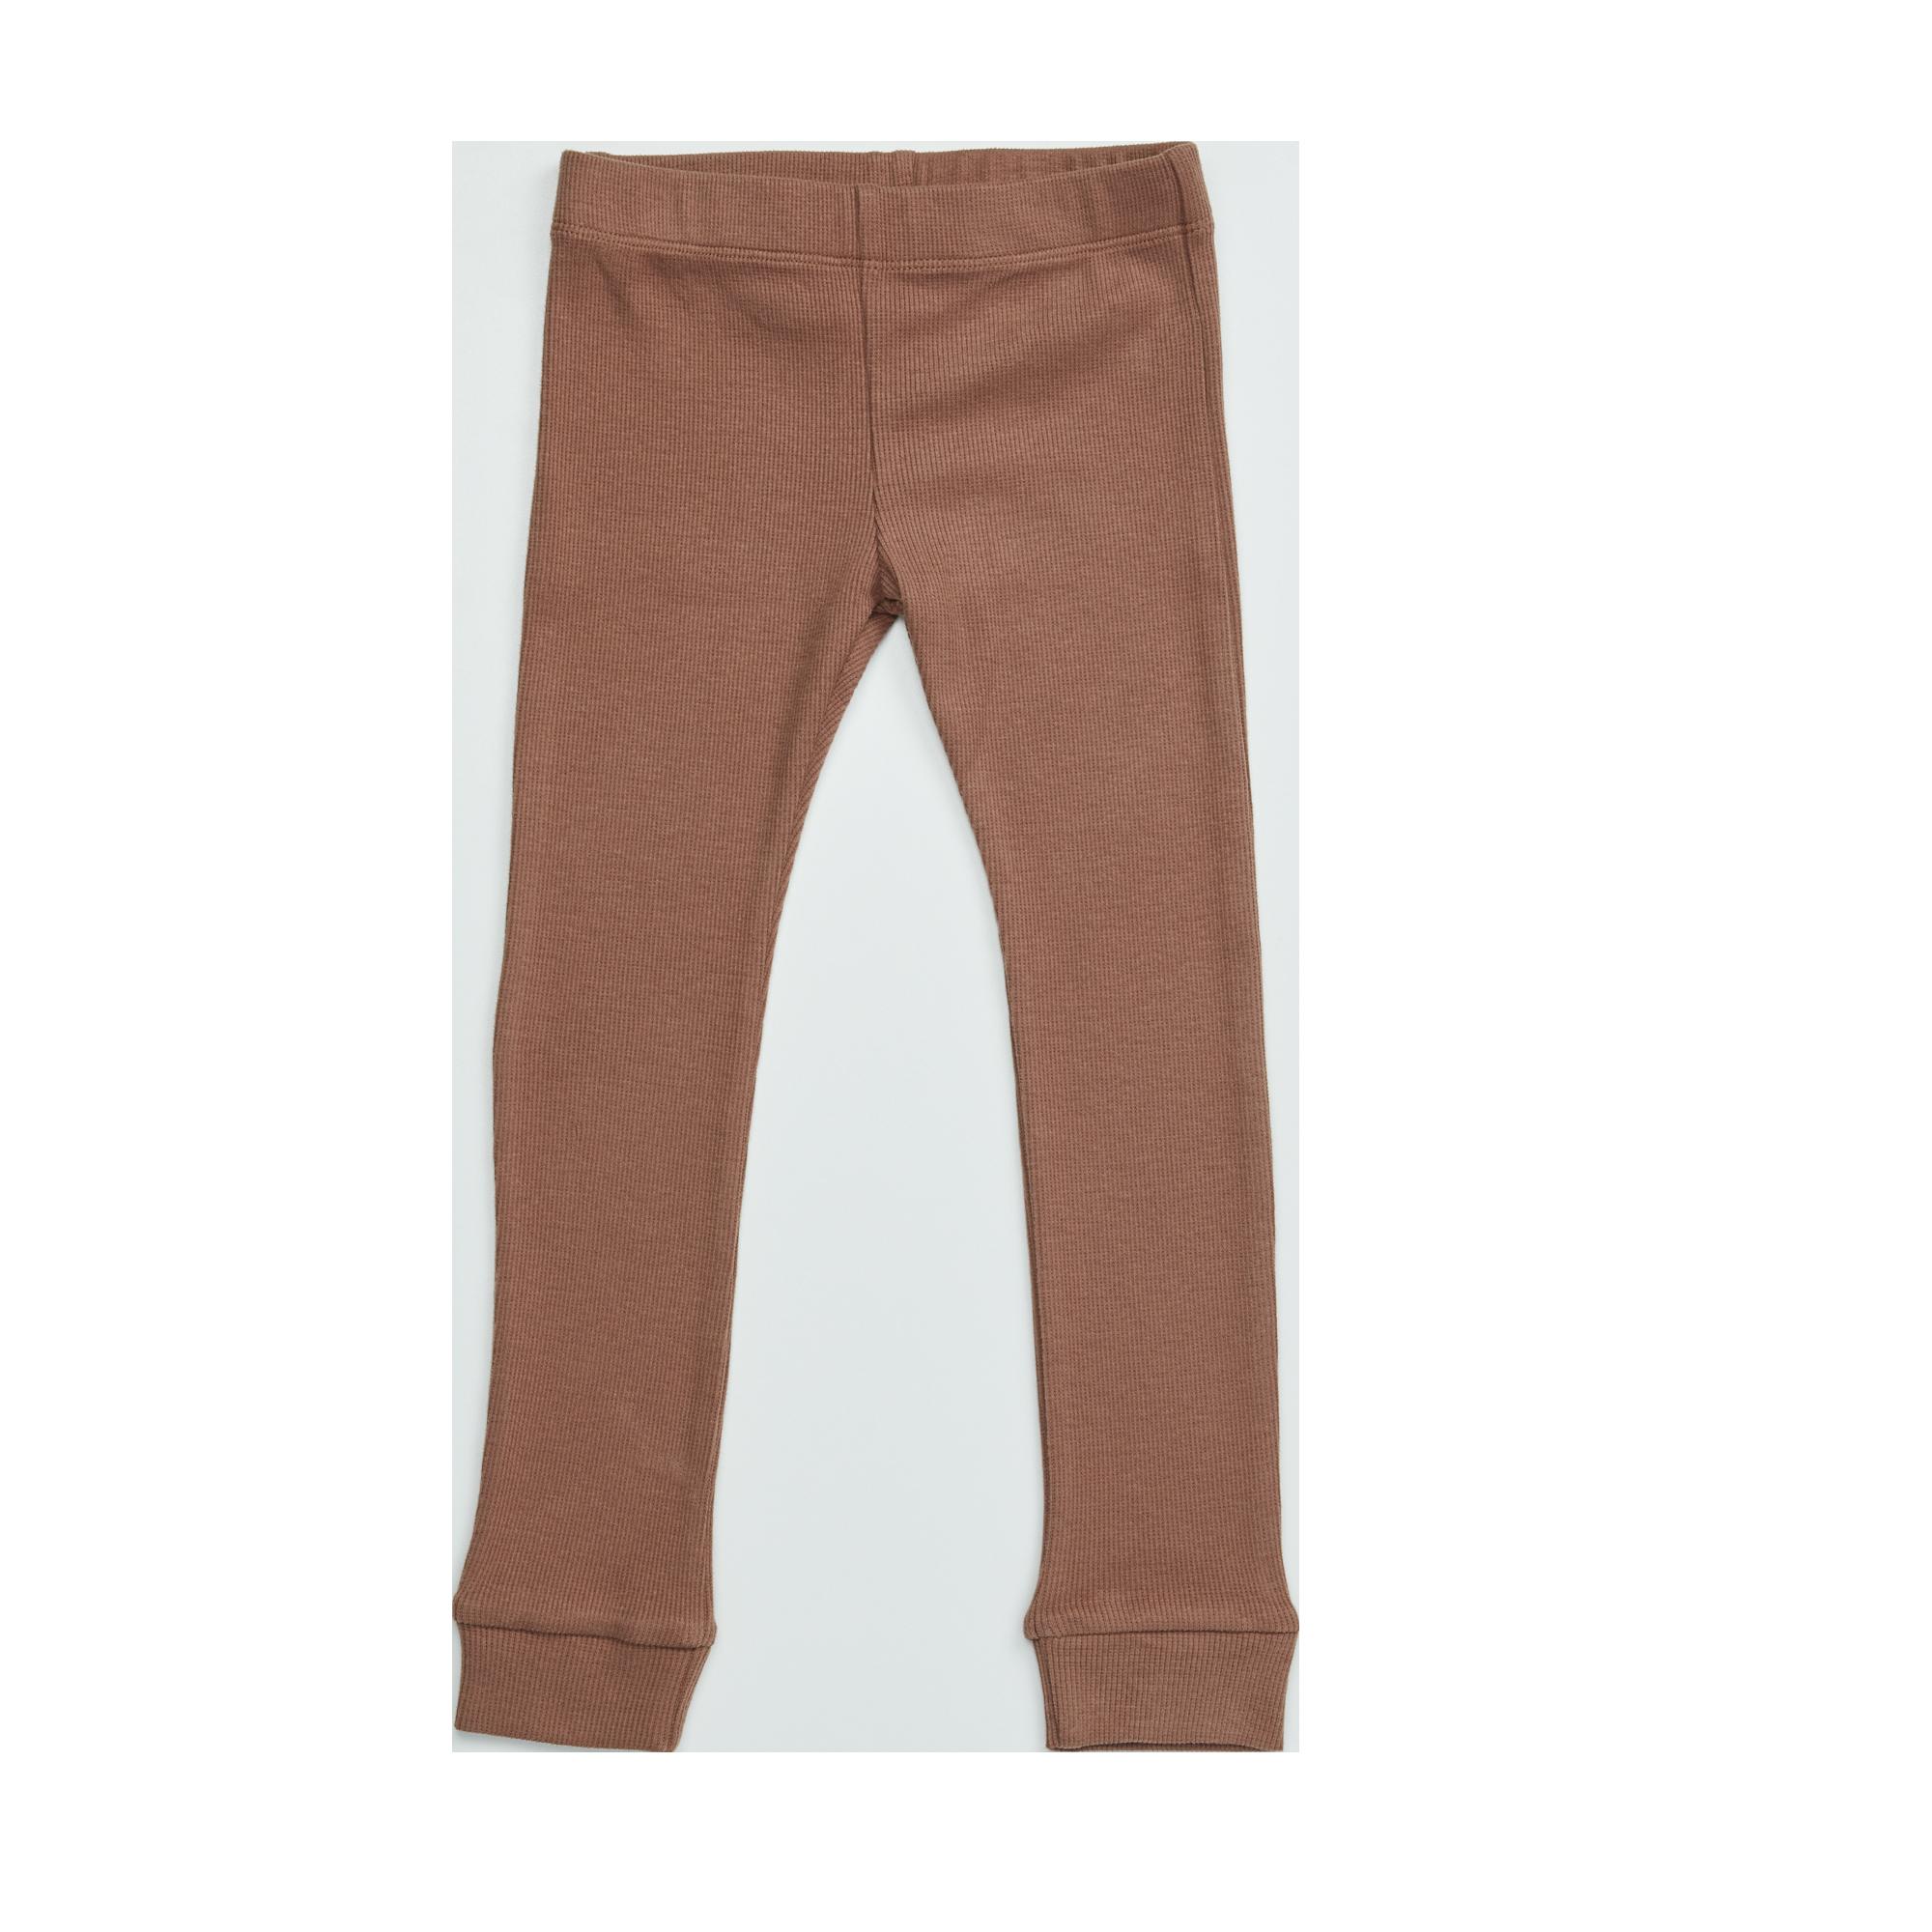 Blossom Kids Legging - soft rib - Smoked Hazelnut-1